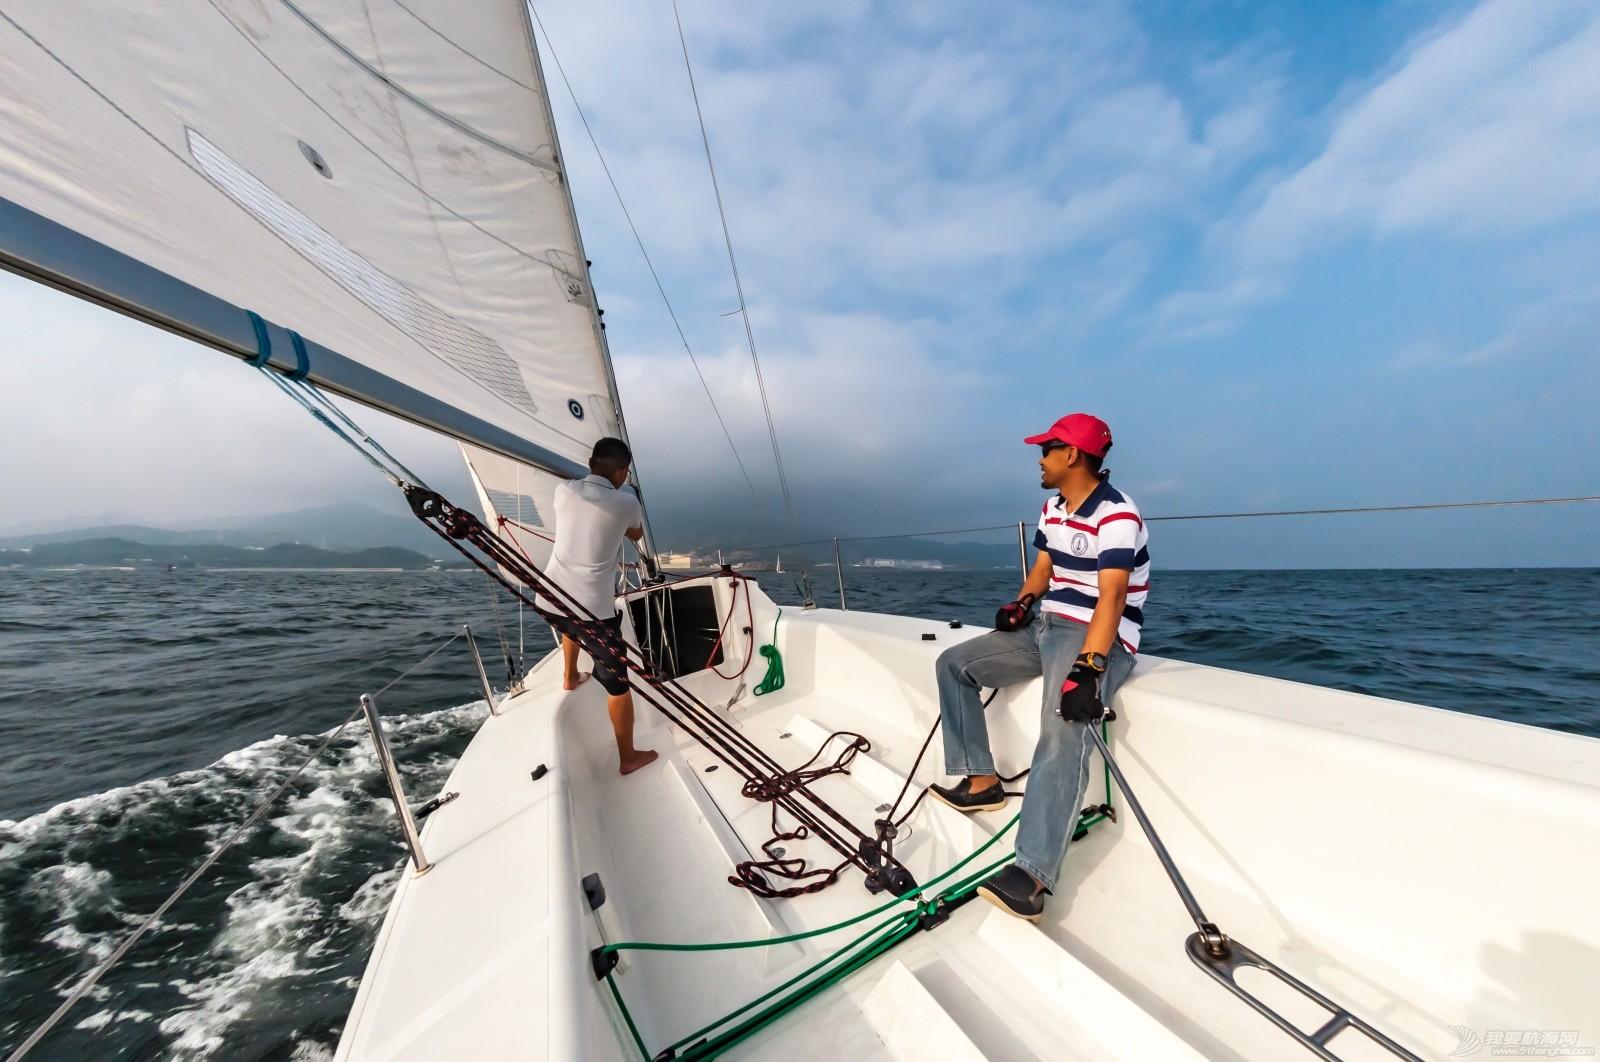 帆船 【2015大鹏杯帆船赛】鱼眼看航海 16006.jpg